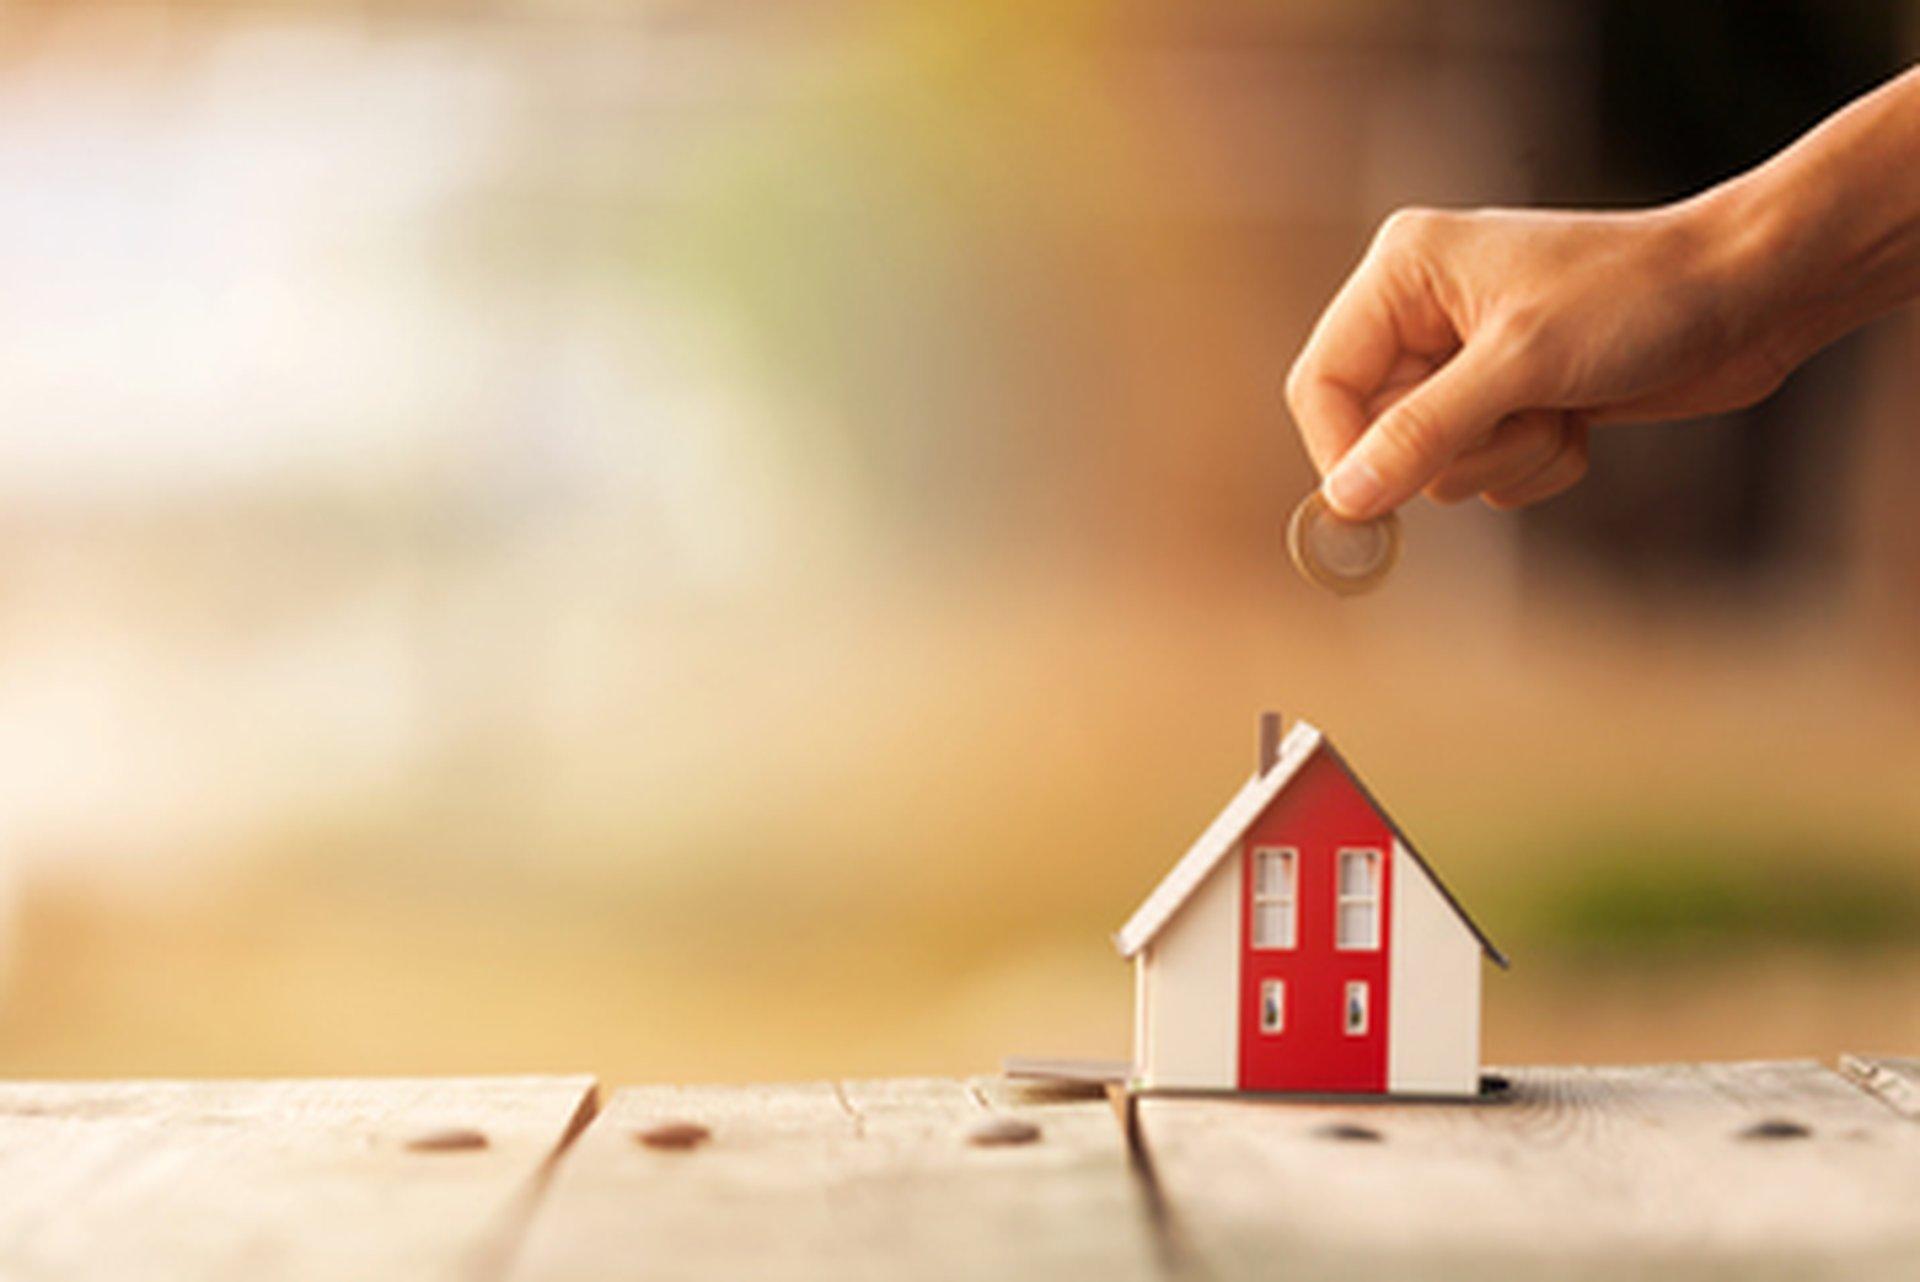 Hausgeld - Was müssen Eigentümer zahlen?